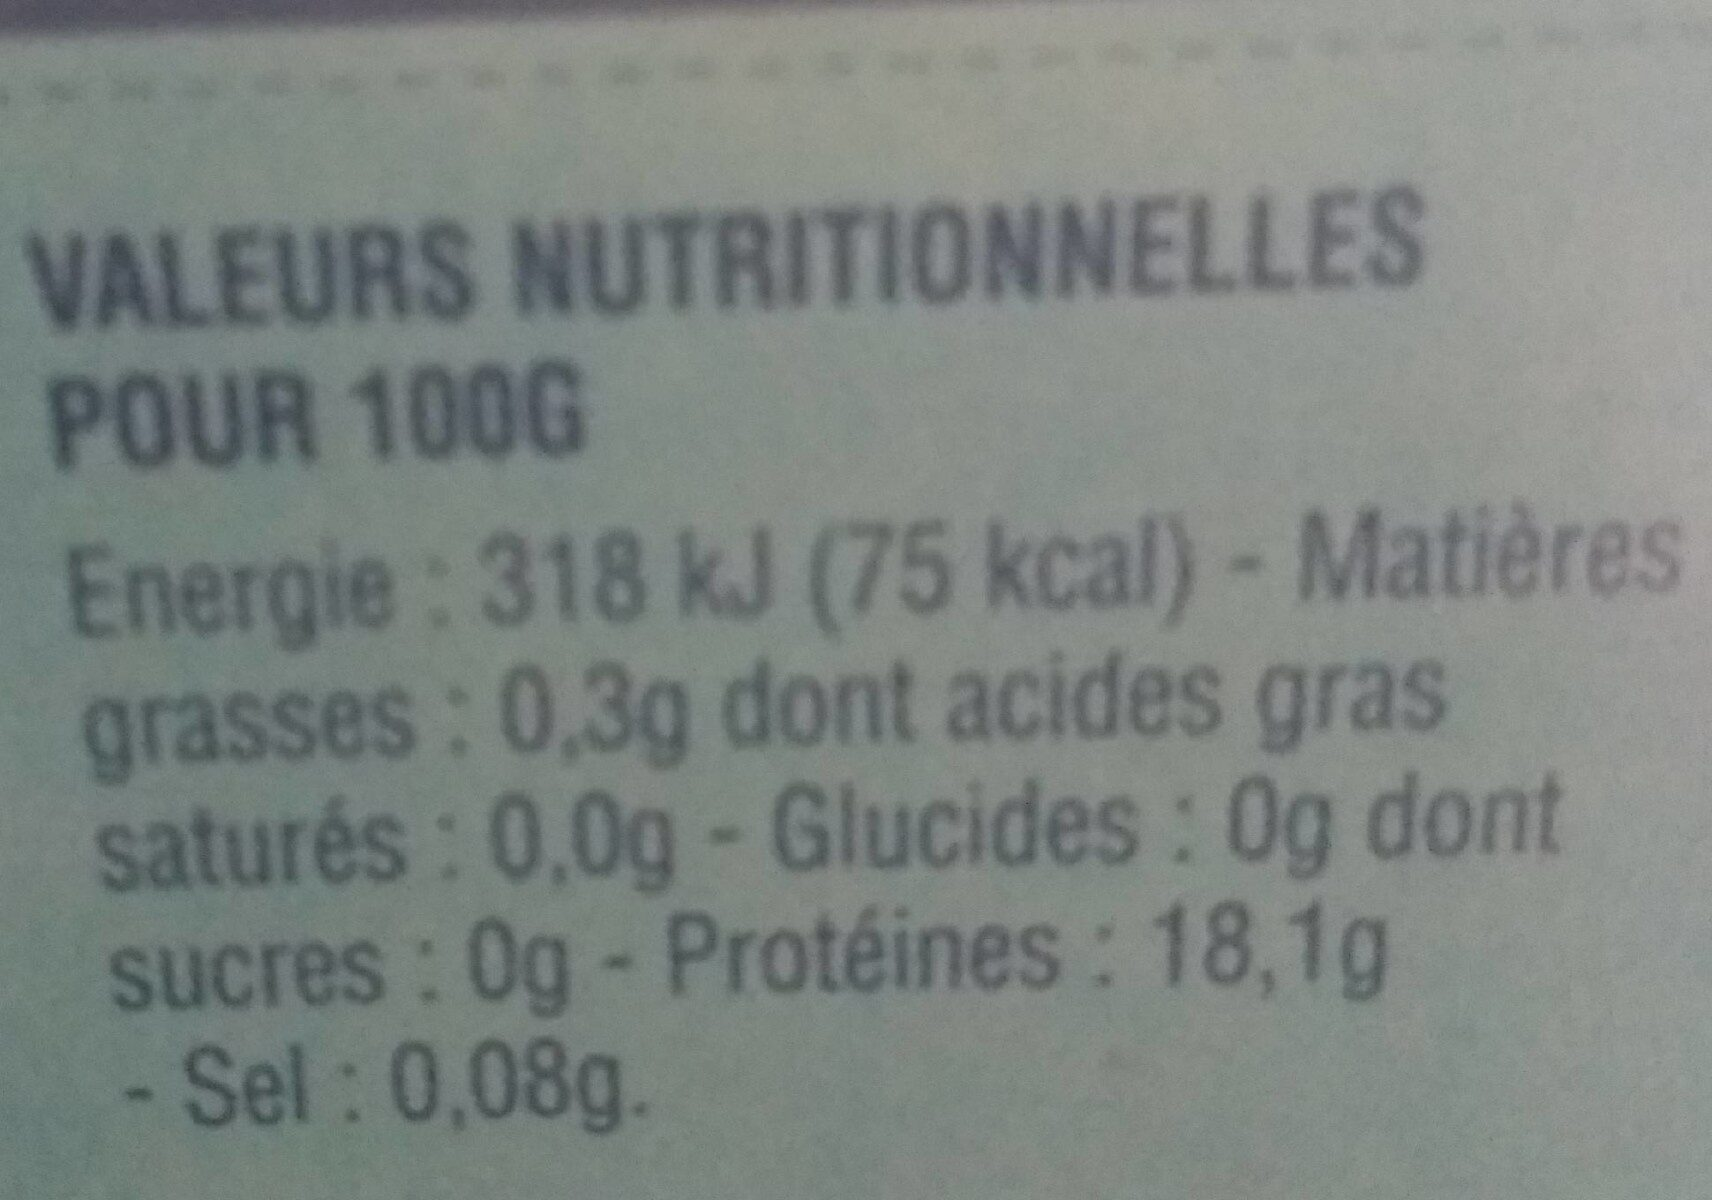 Dos de cabillaud de l'Atlantique - Informations nutritionnelles - fr